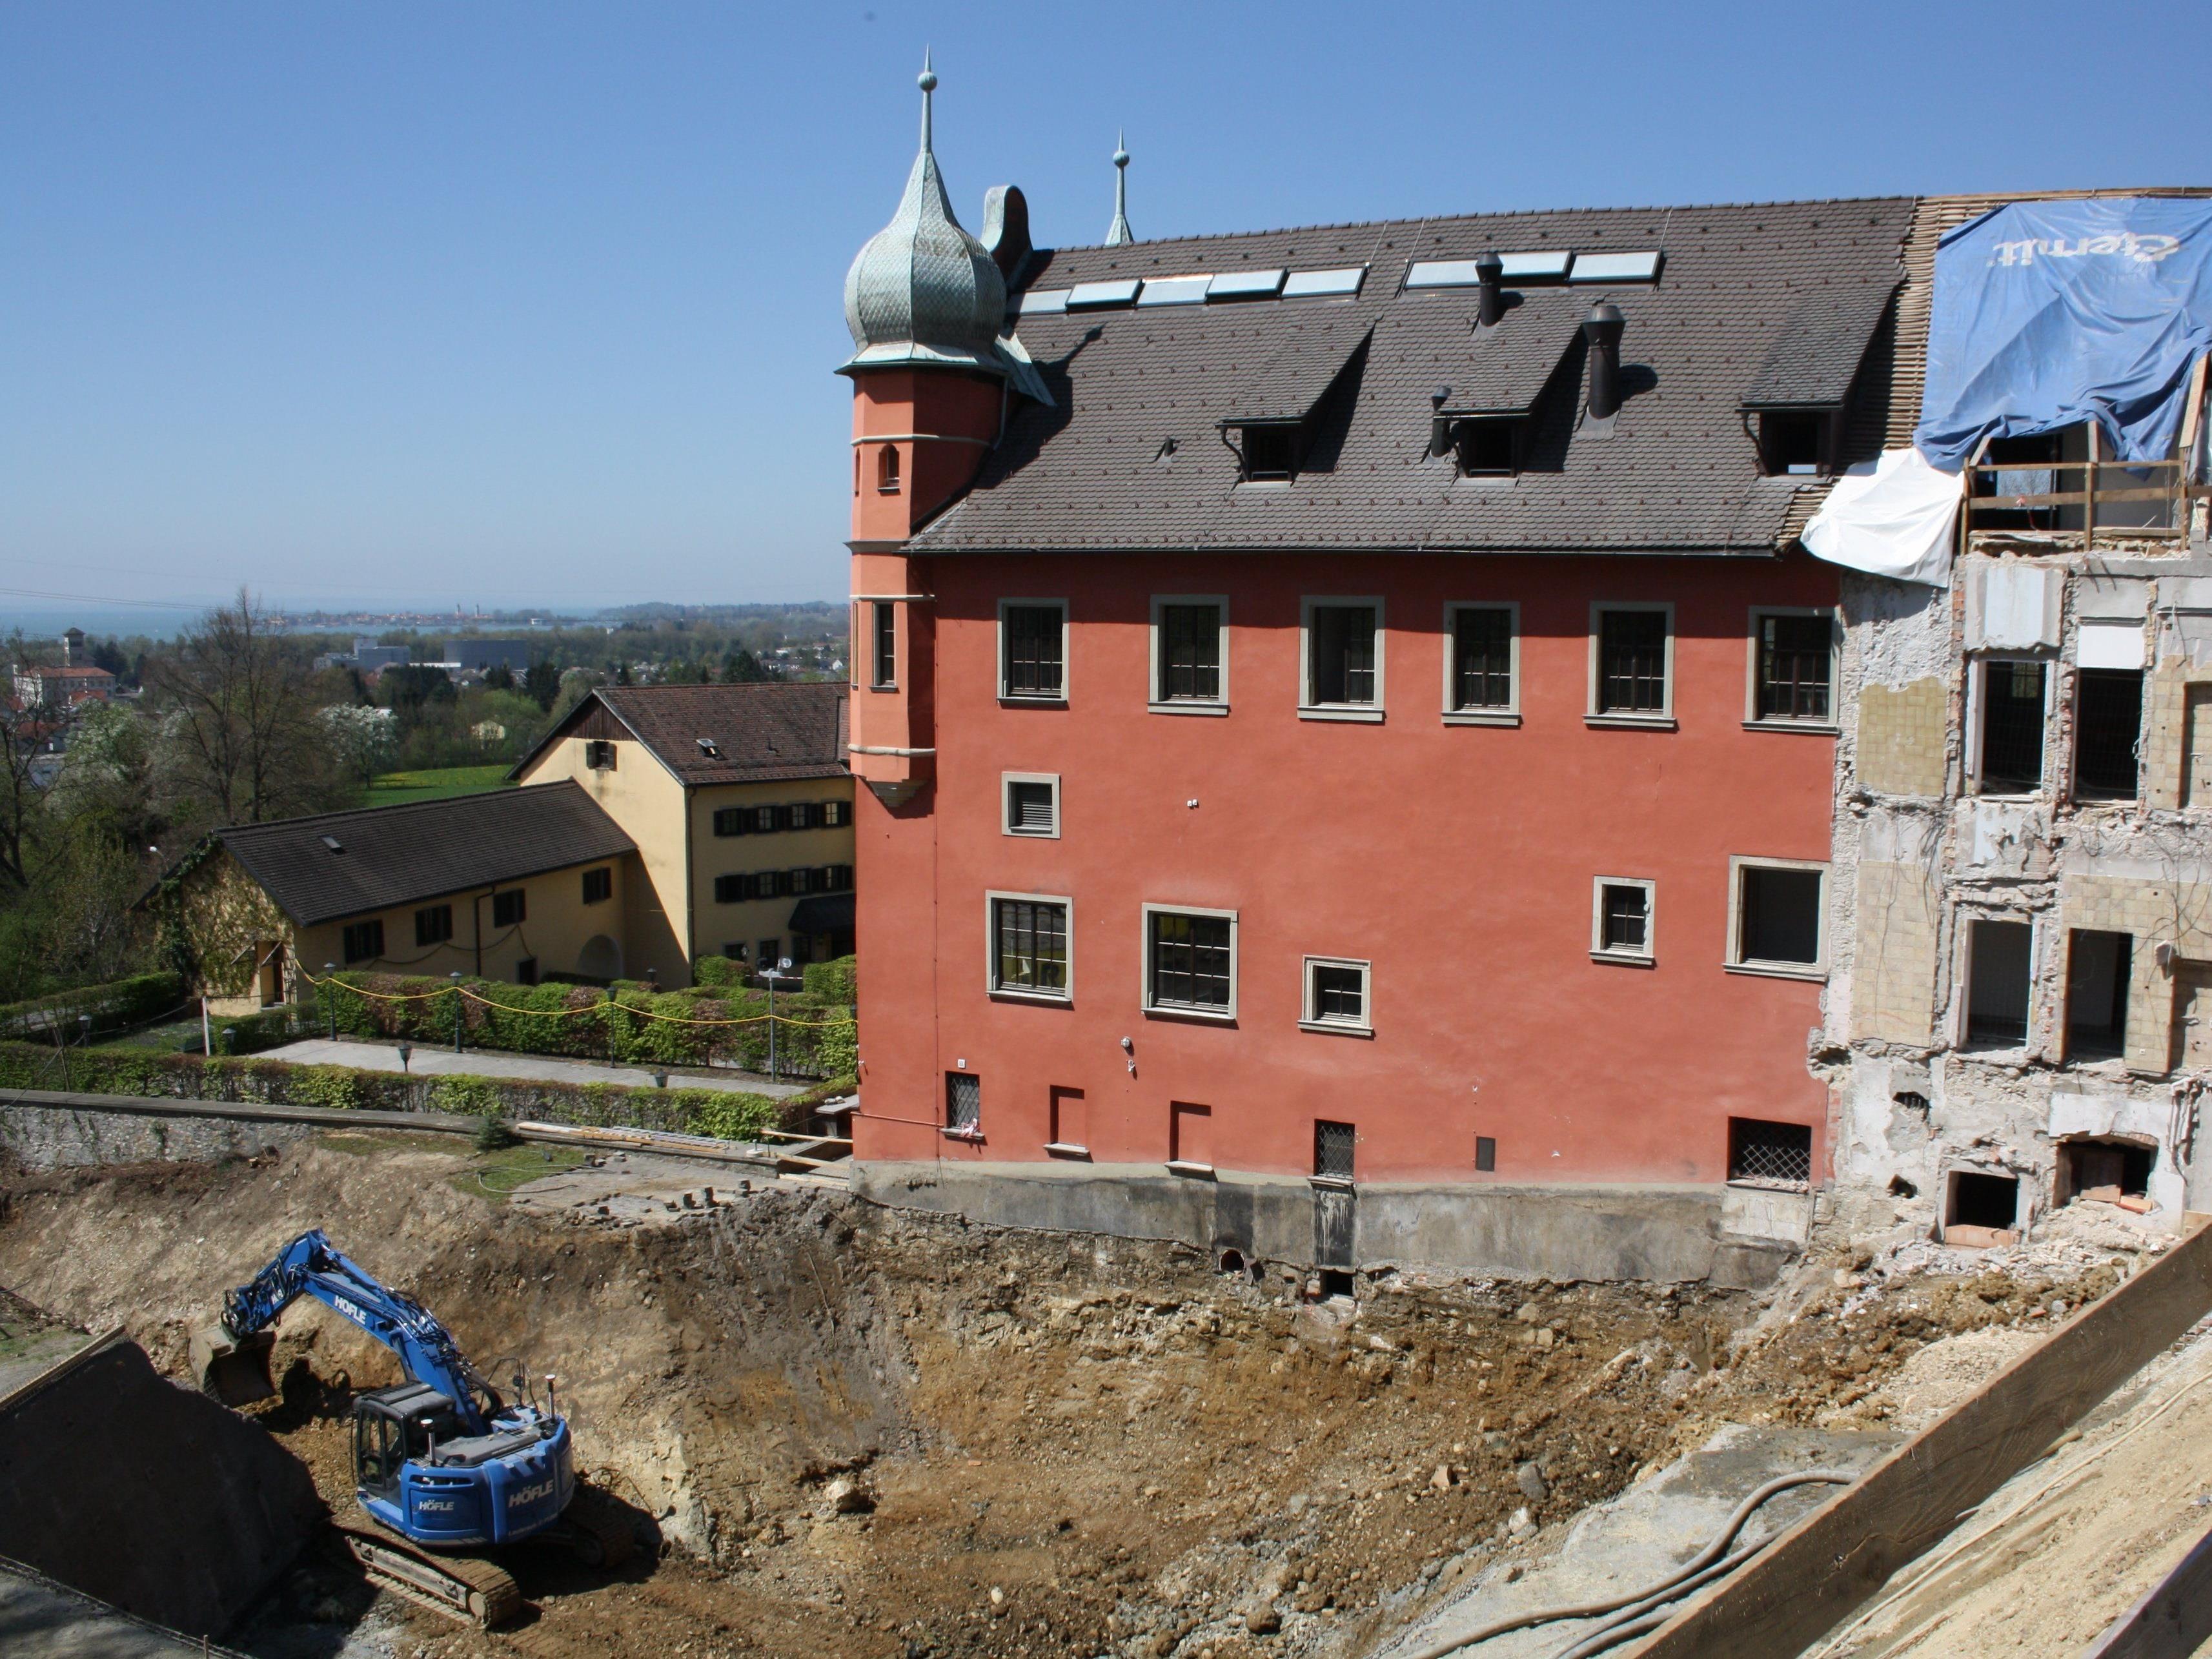 Die beiden rückwärtigen Anbauten wurden abgerissen und werden durch zwei freistehende Erschließungstürme. Dazu kommt ein unterirdischer Neubau.